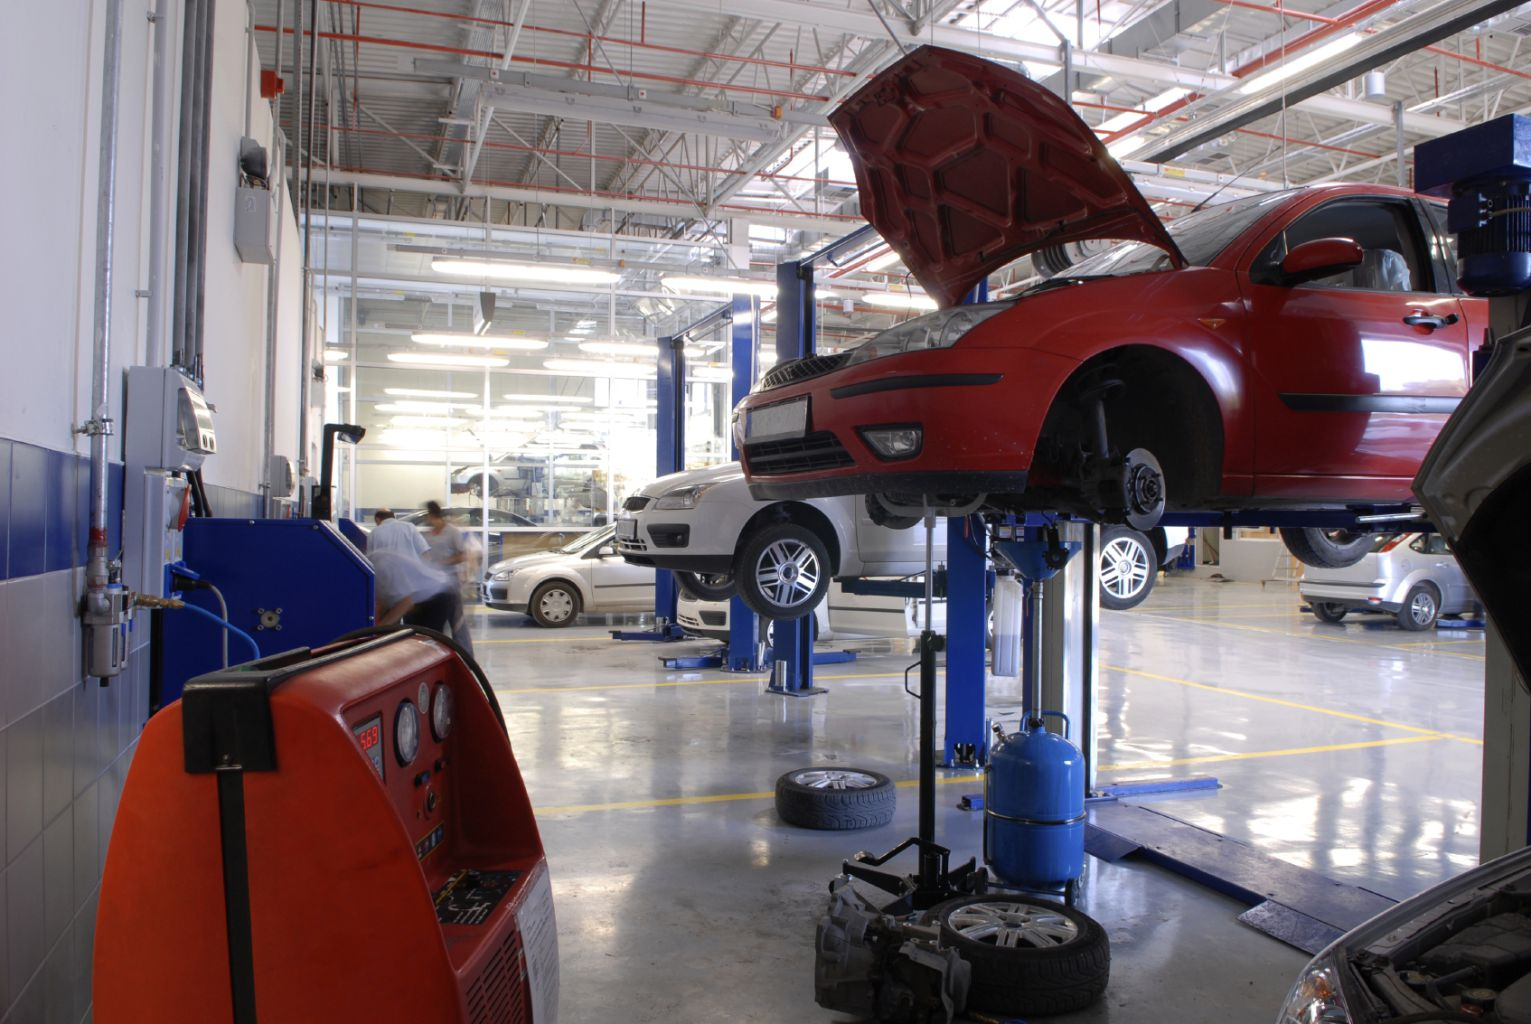 техническое обслуживание и ремонте автомобилей